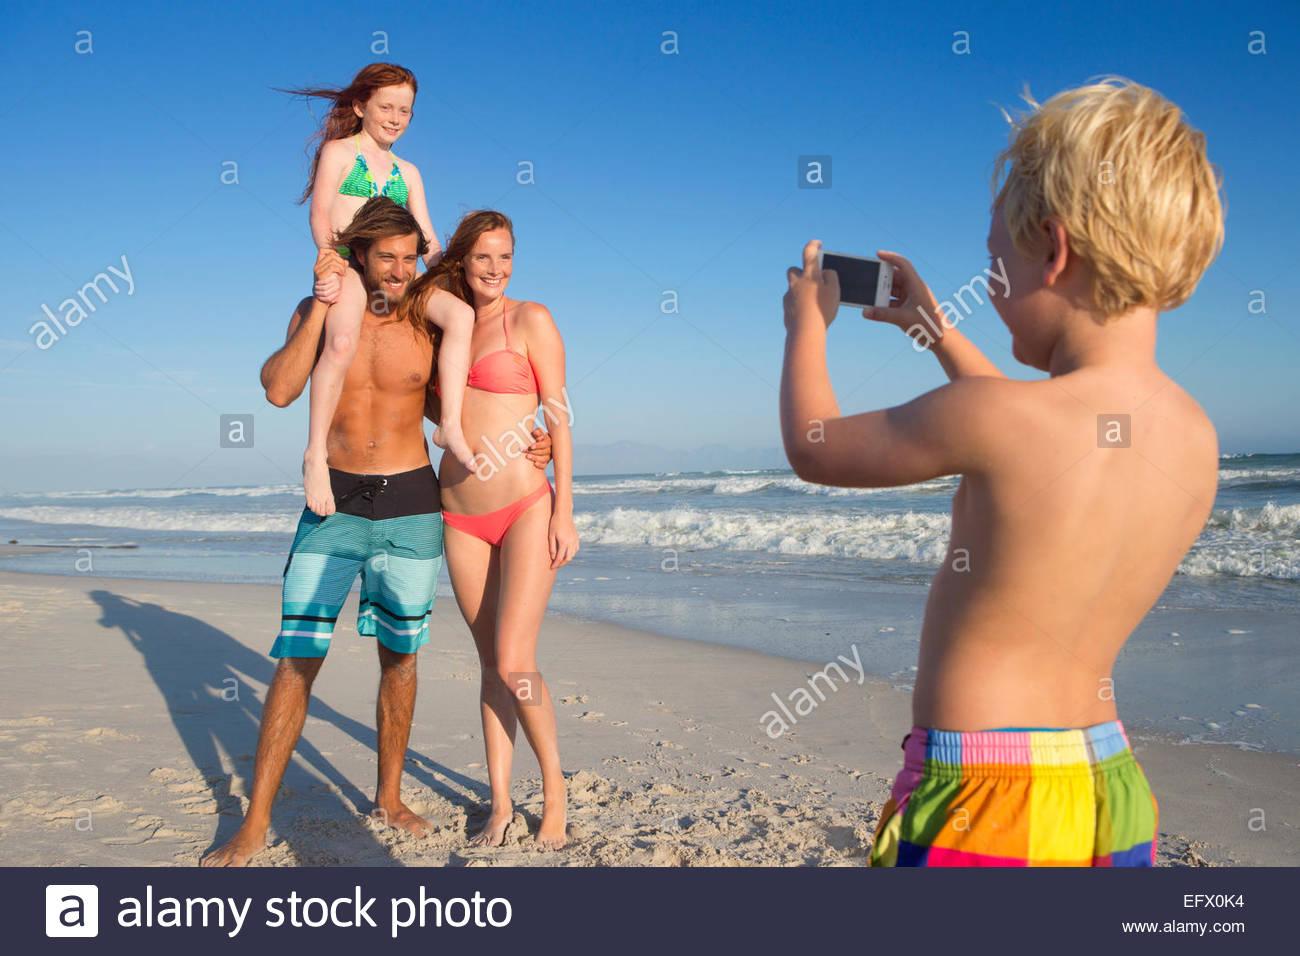 Niño tomando foto de madre, padre y hermana en sunny beach Imagen De Stock